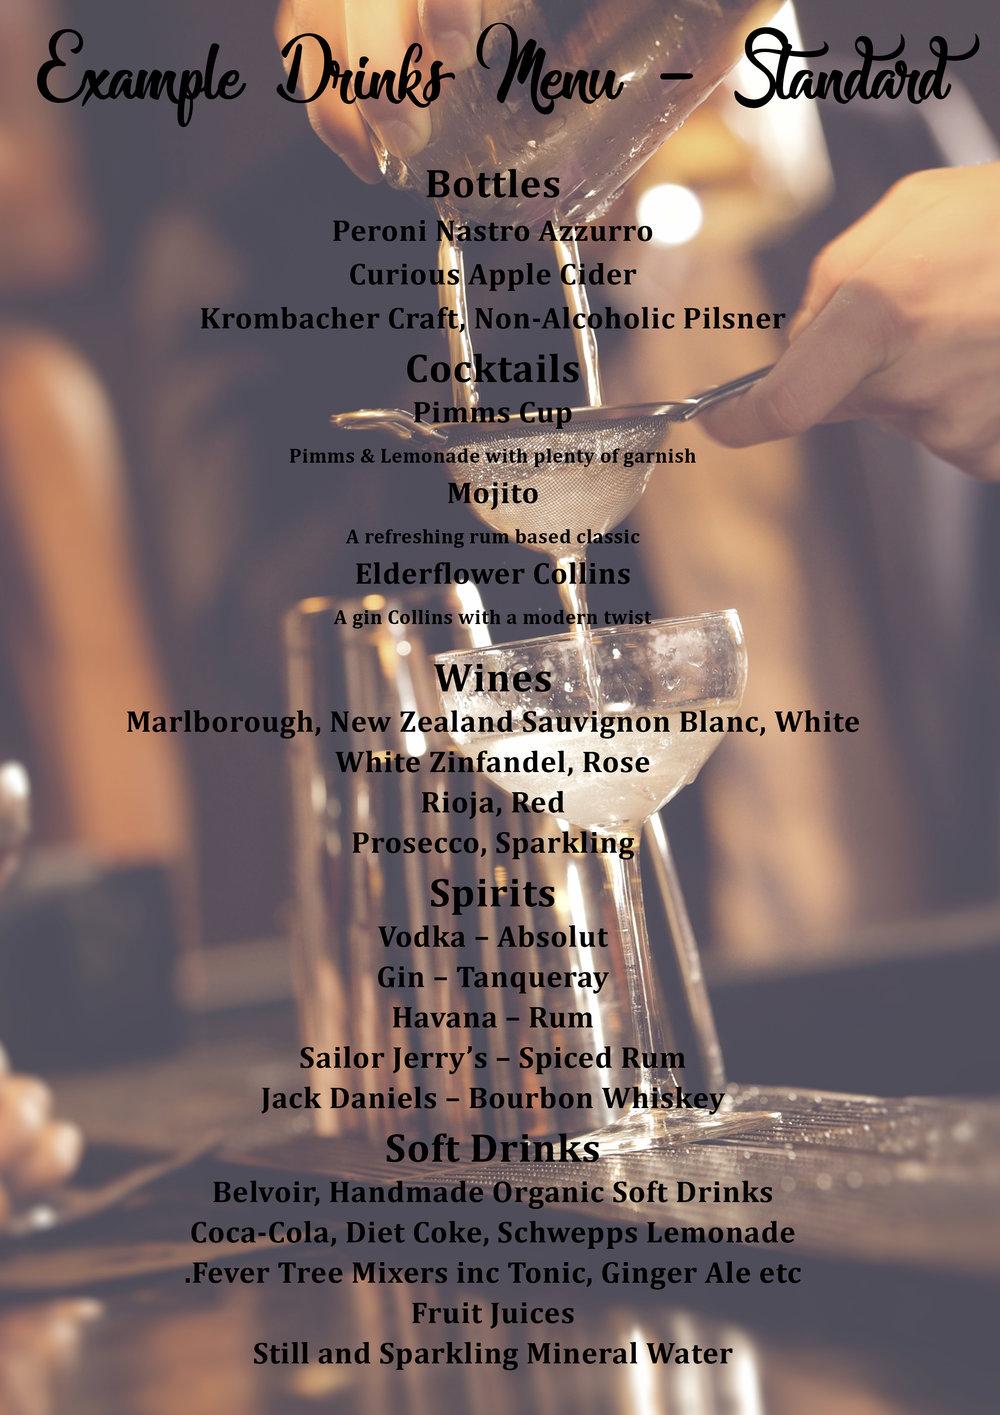 A popular standard drinks menu.